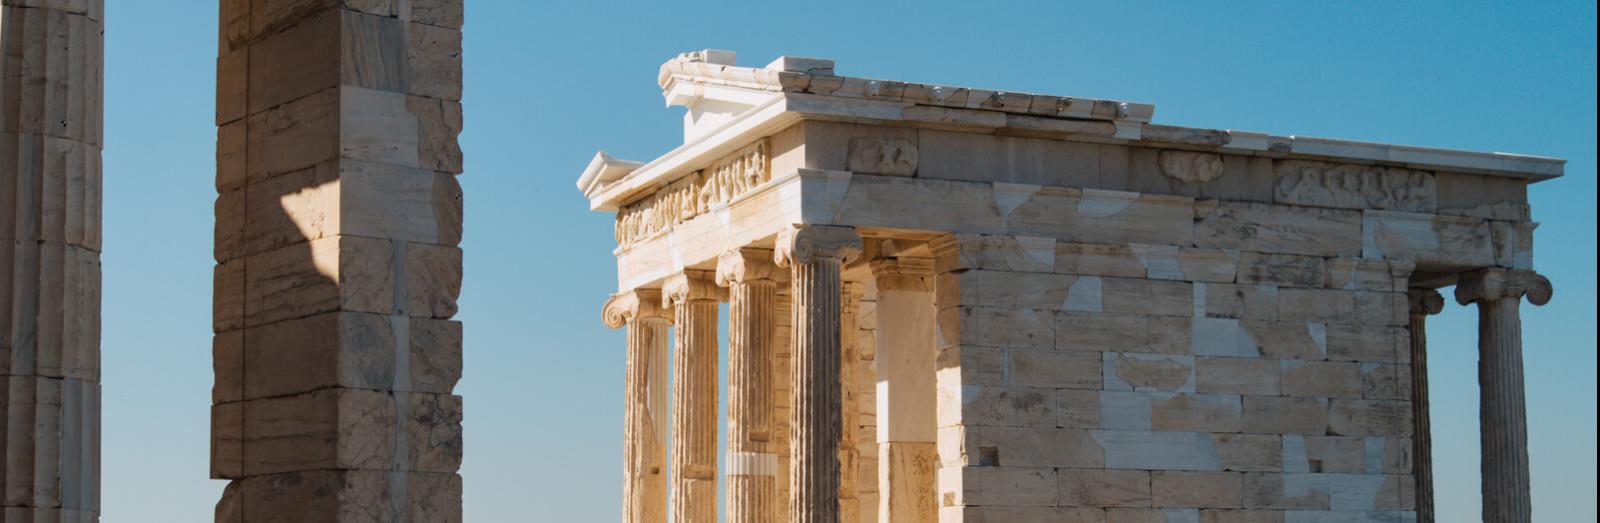 athens---greece---images-TGR-ExploreAthens-CultureMonuments-TheAcropolis.jpg